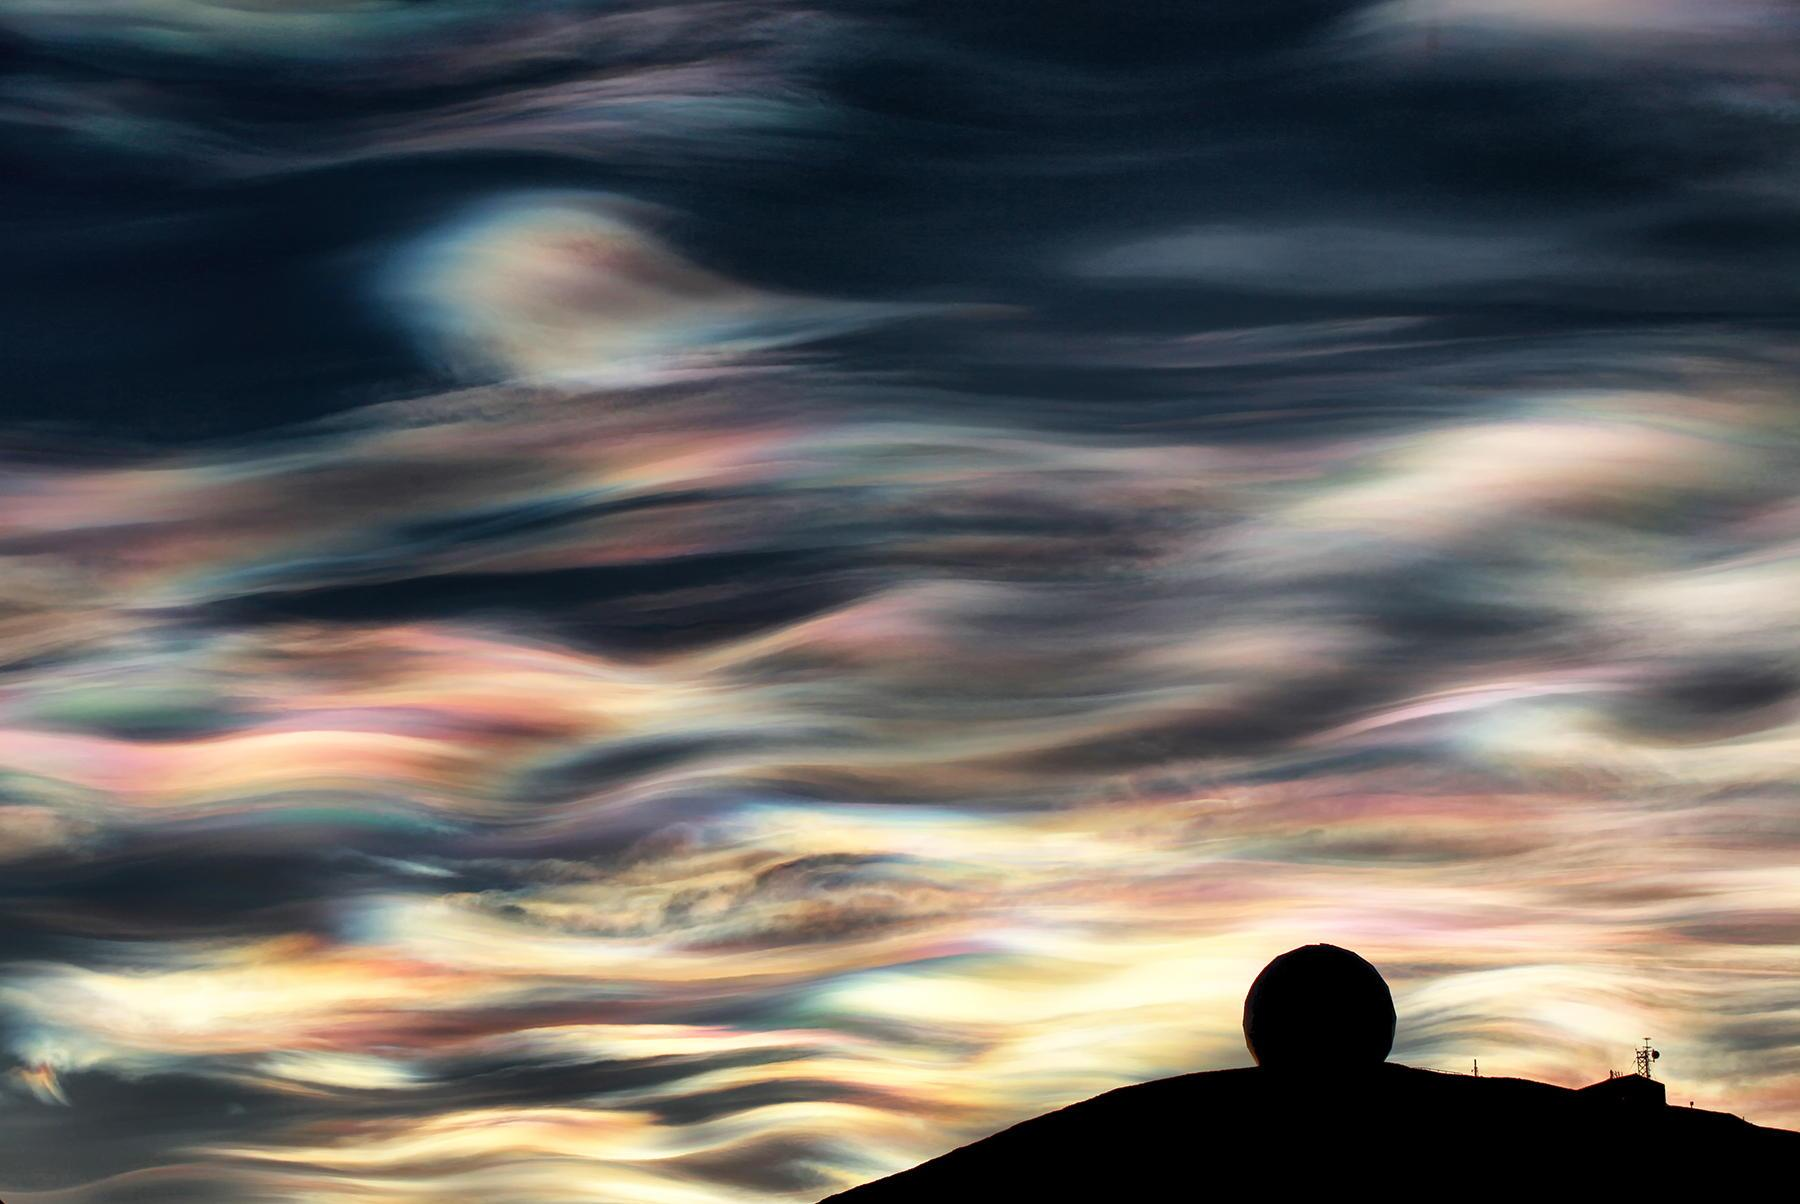 Antarctic Nacreous by Deven Stross